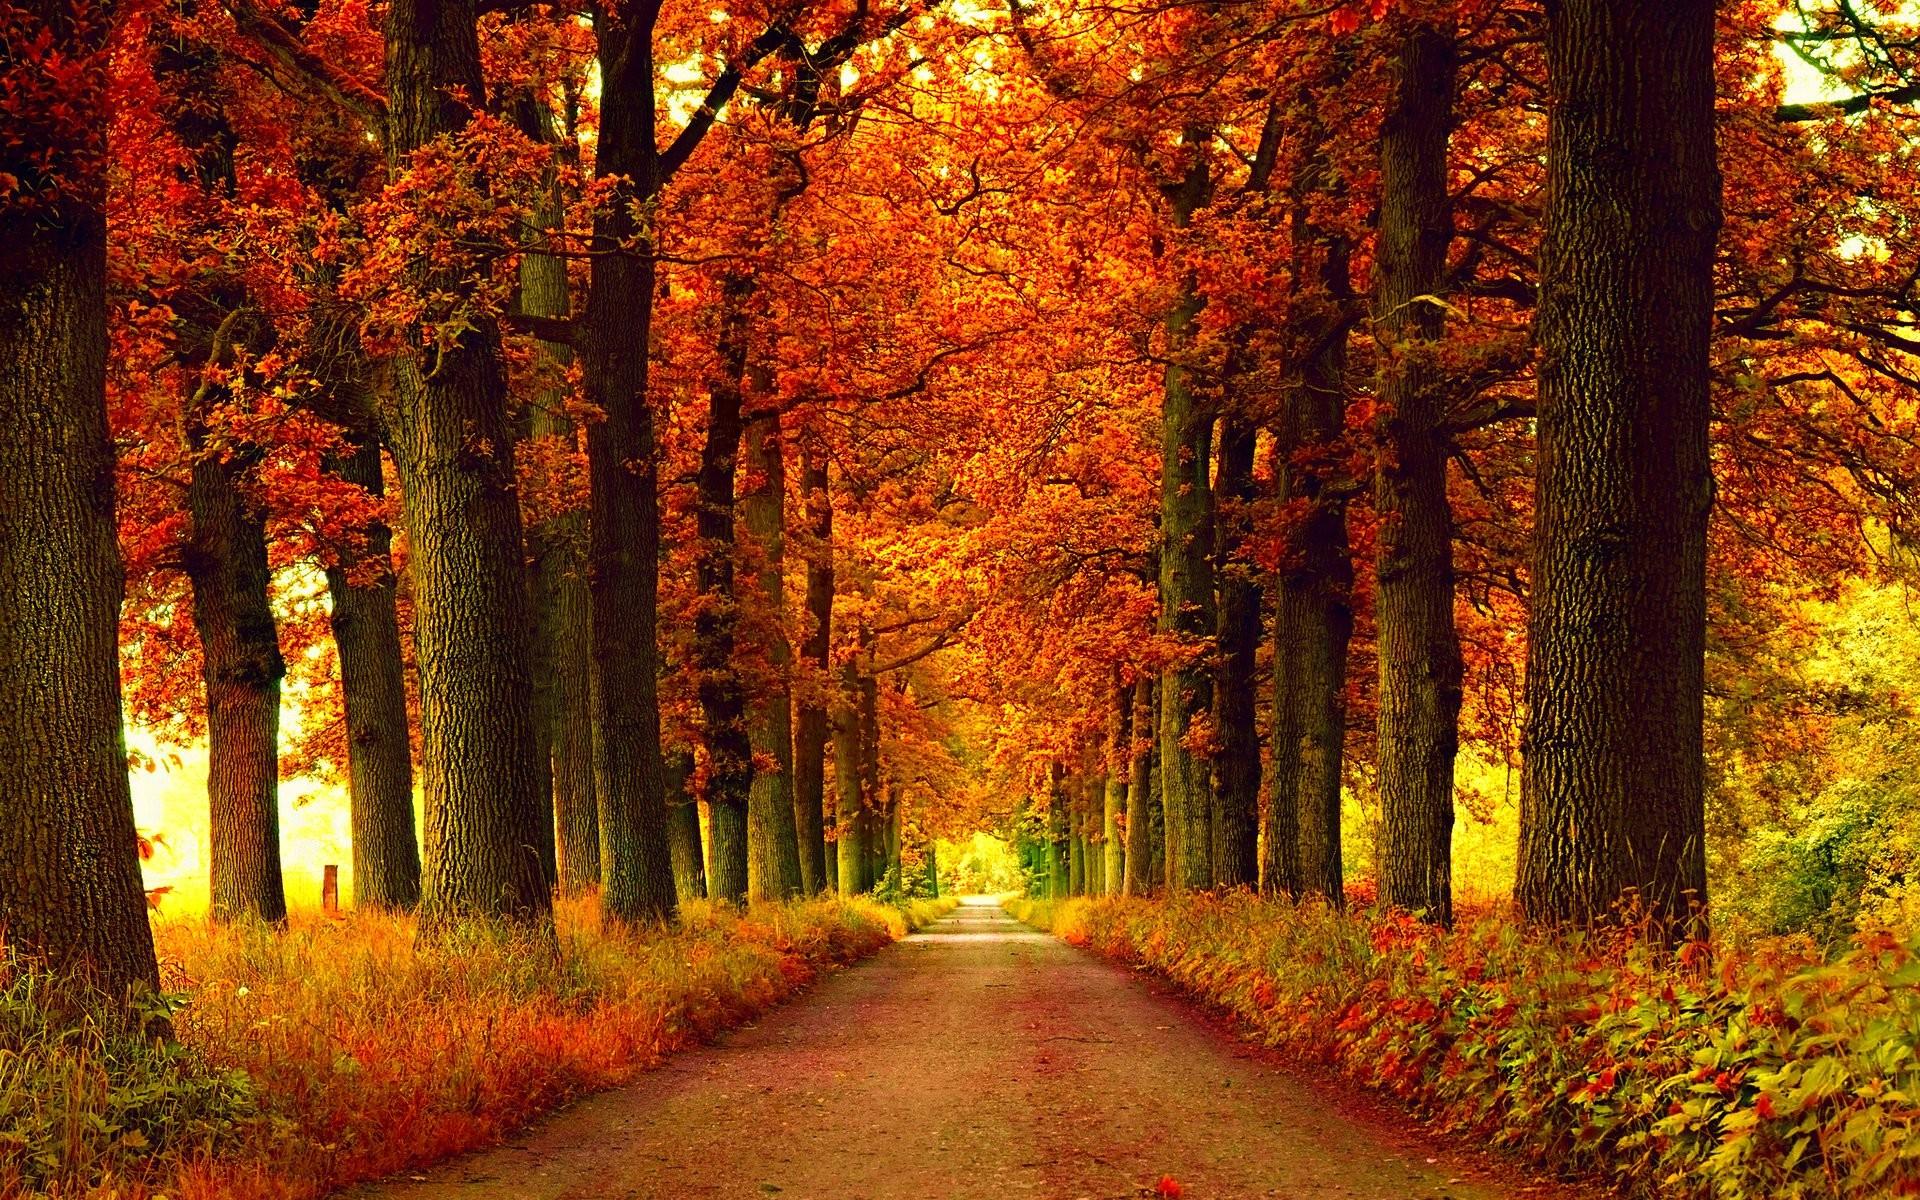 Leaves: Forest Season Fall Nature Leaf Tree Autumn Seasons Leaves ...